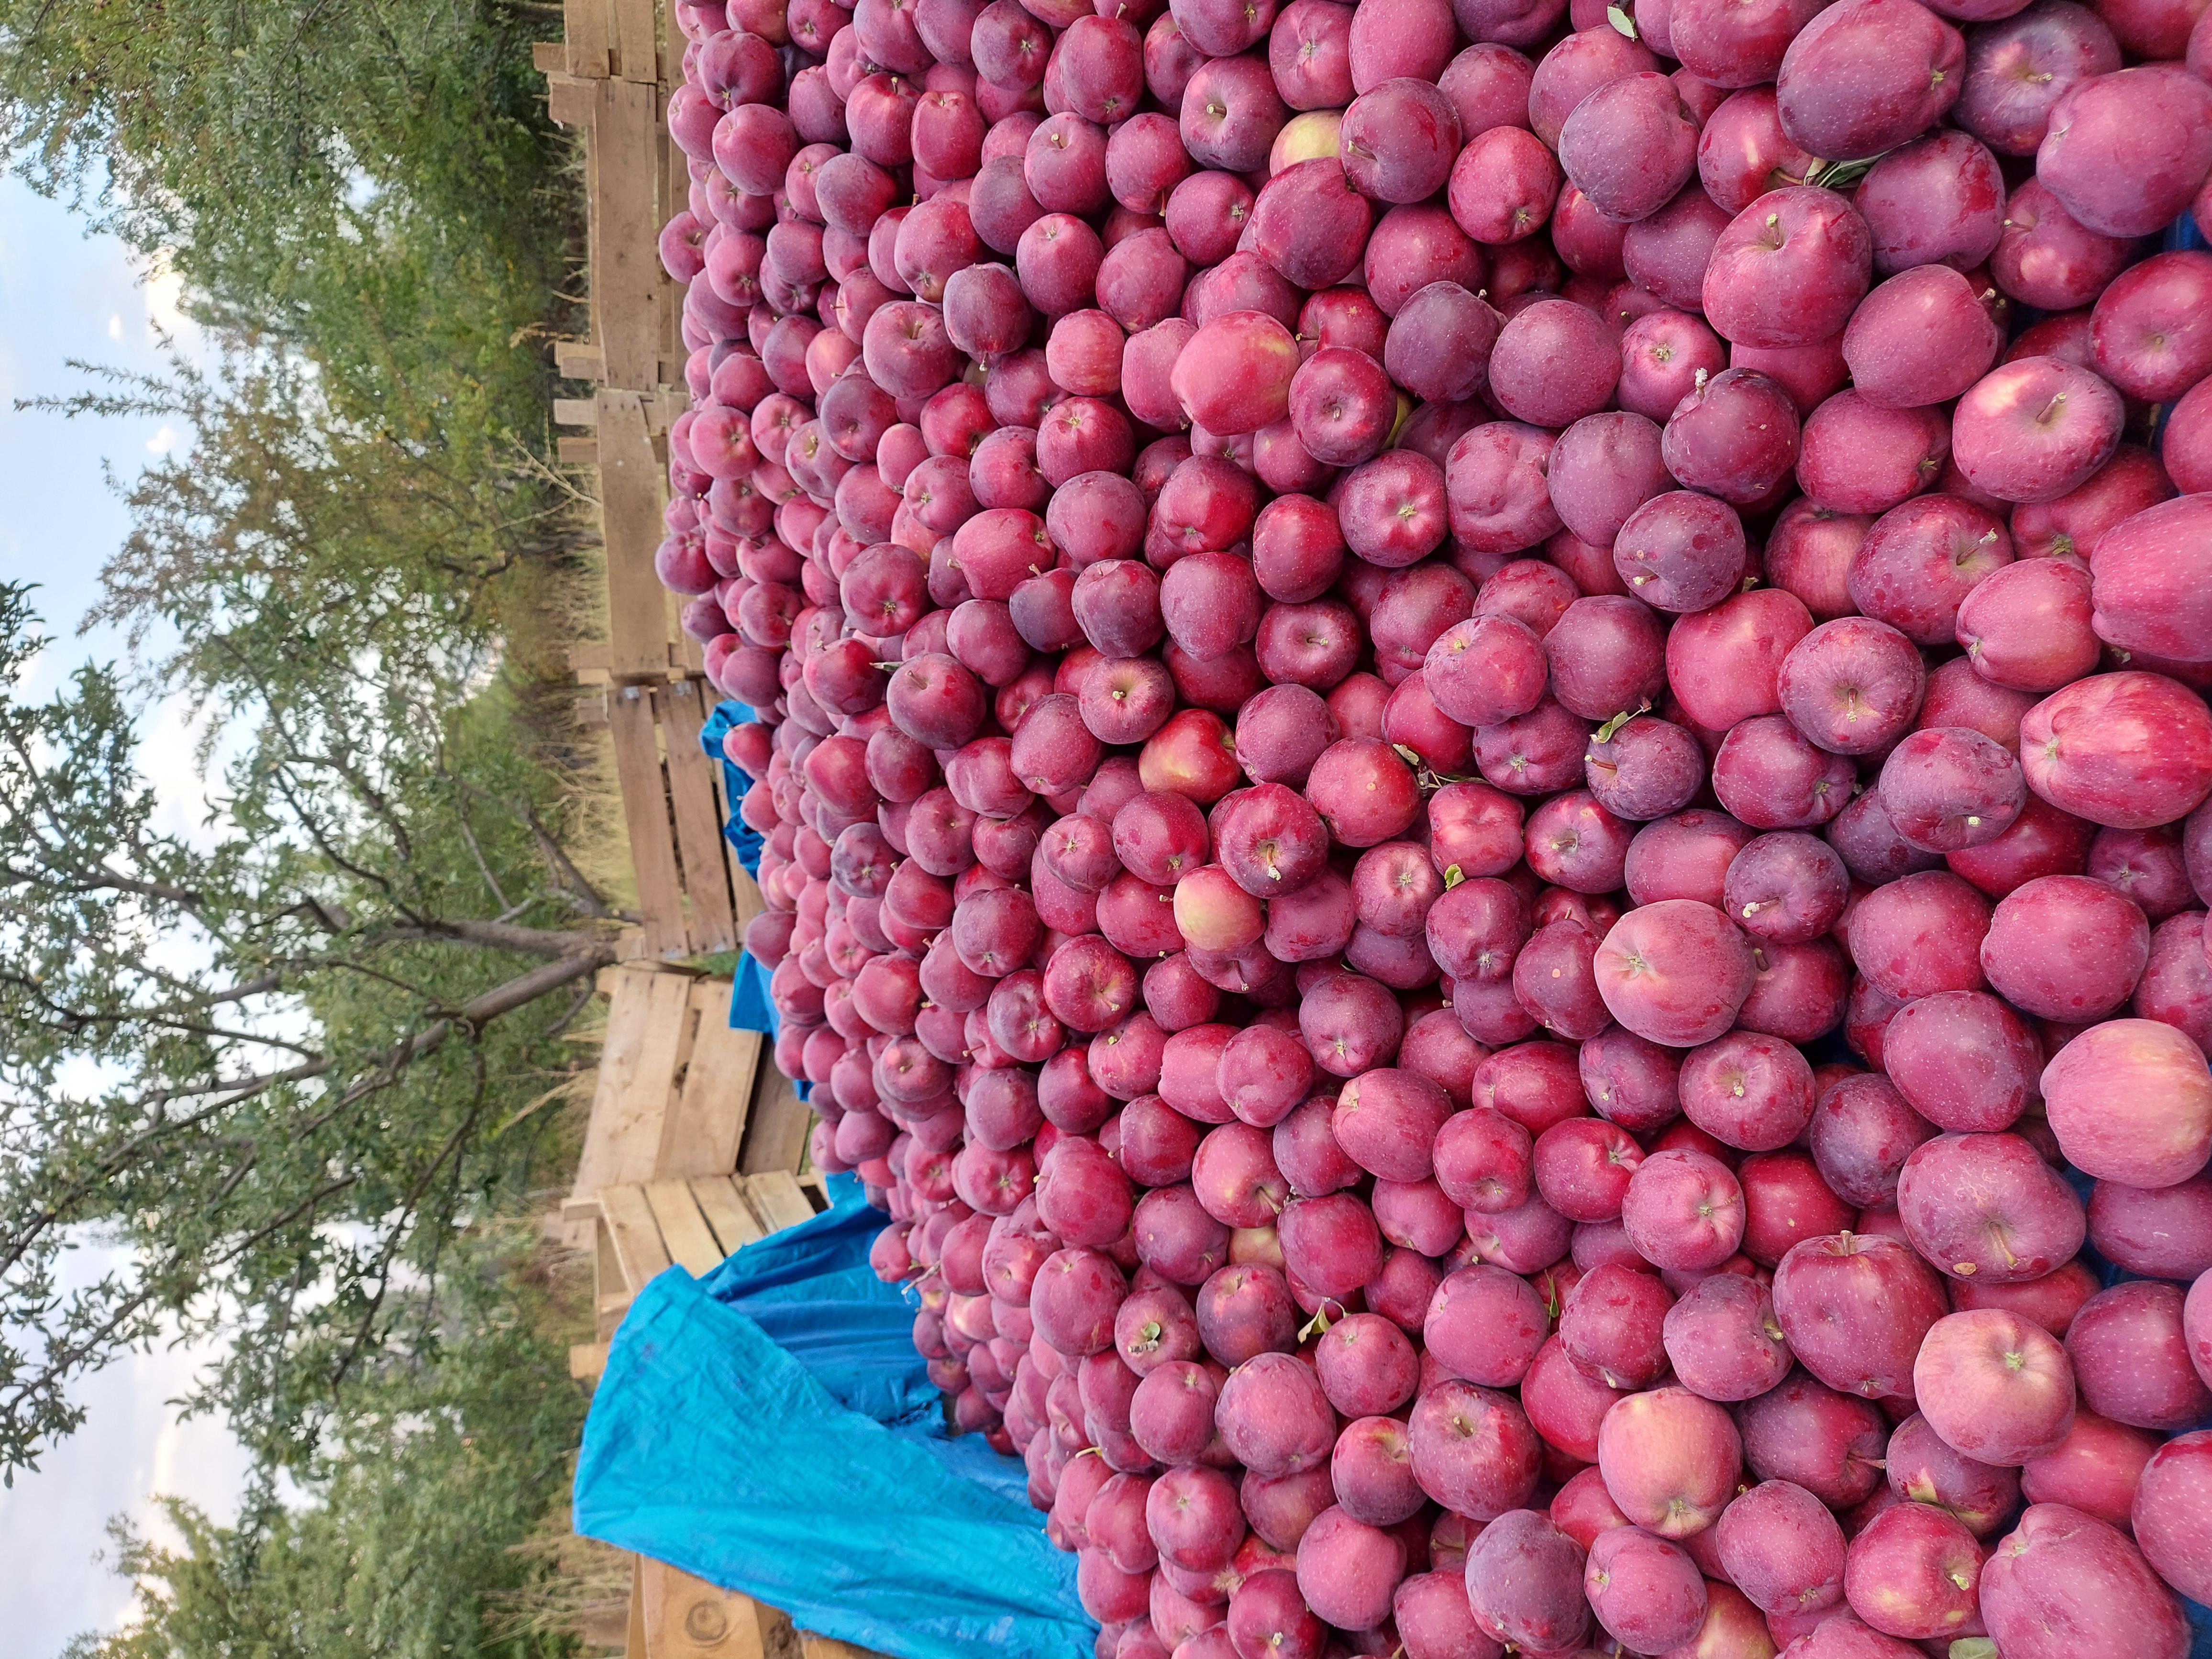 Elma - Üretici Süleyman Karpuzcu 2 tl fiyat ile 4.500 kilogram elma  satmak istiyor